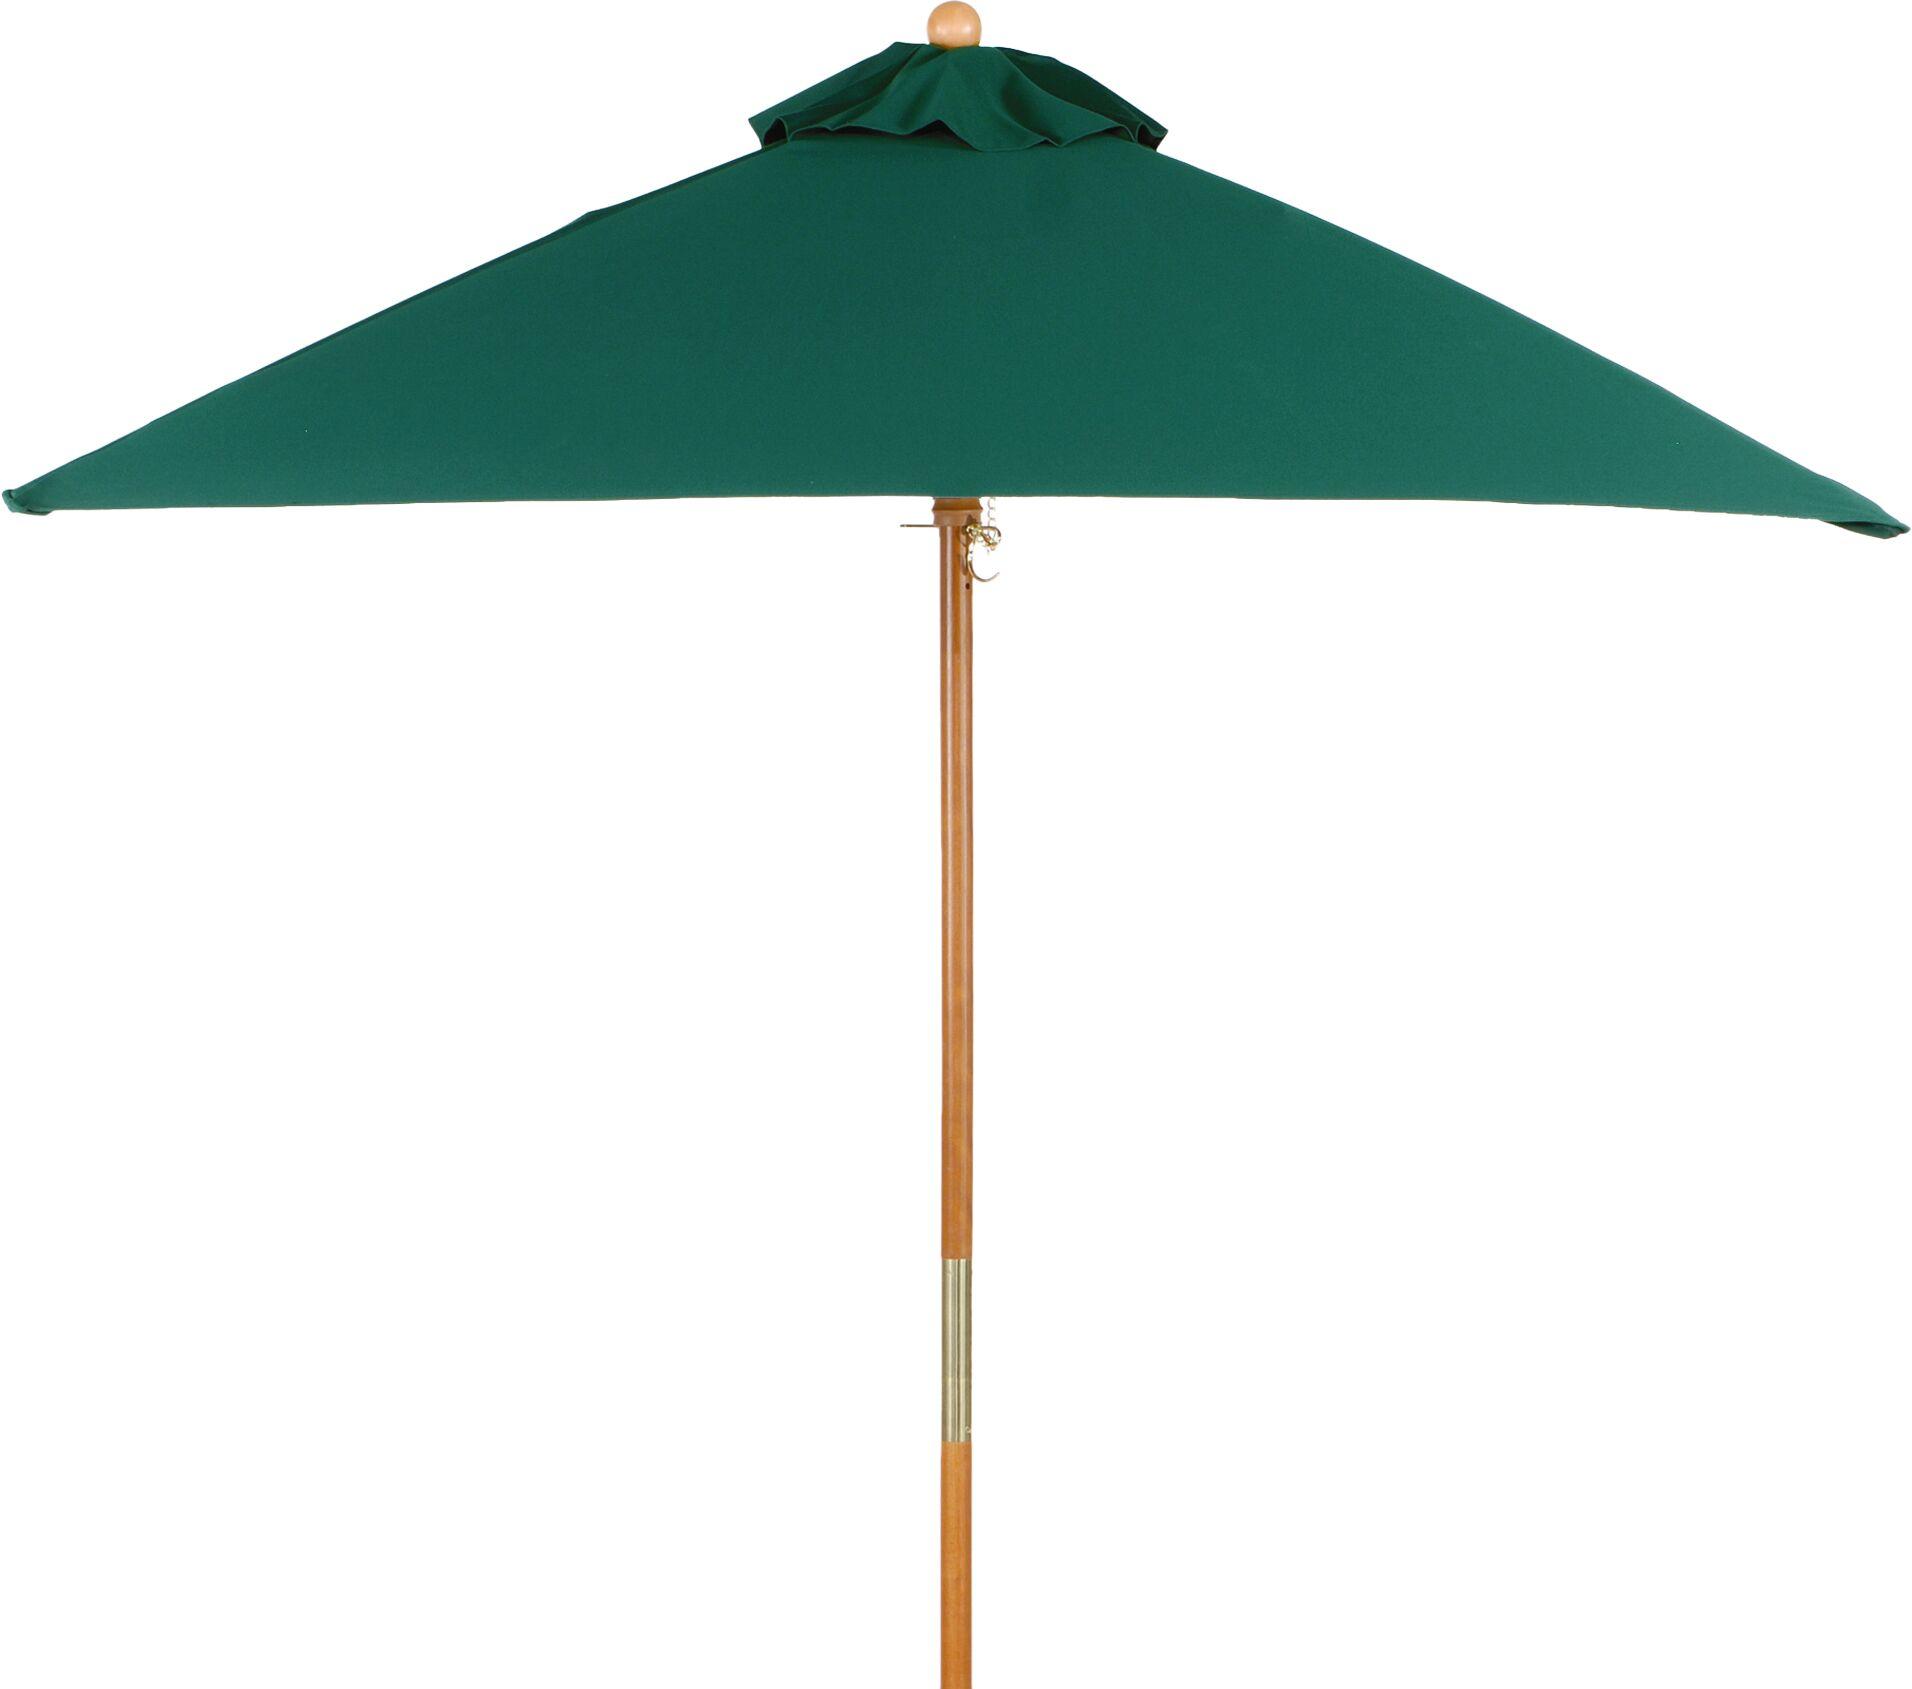 6' Oxford Square Market Umbrella Fabric: Hunter